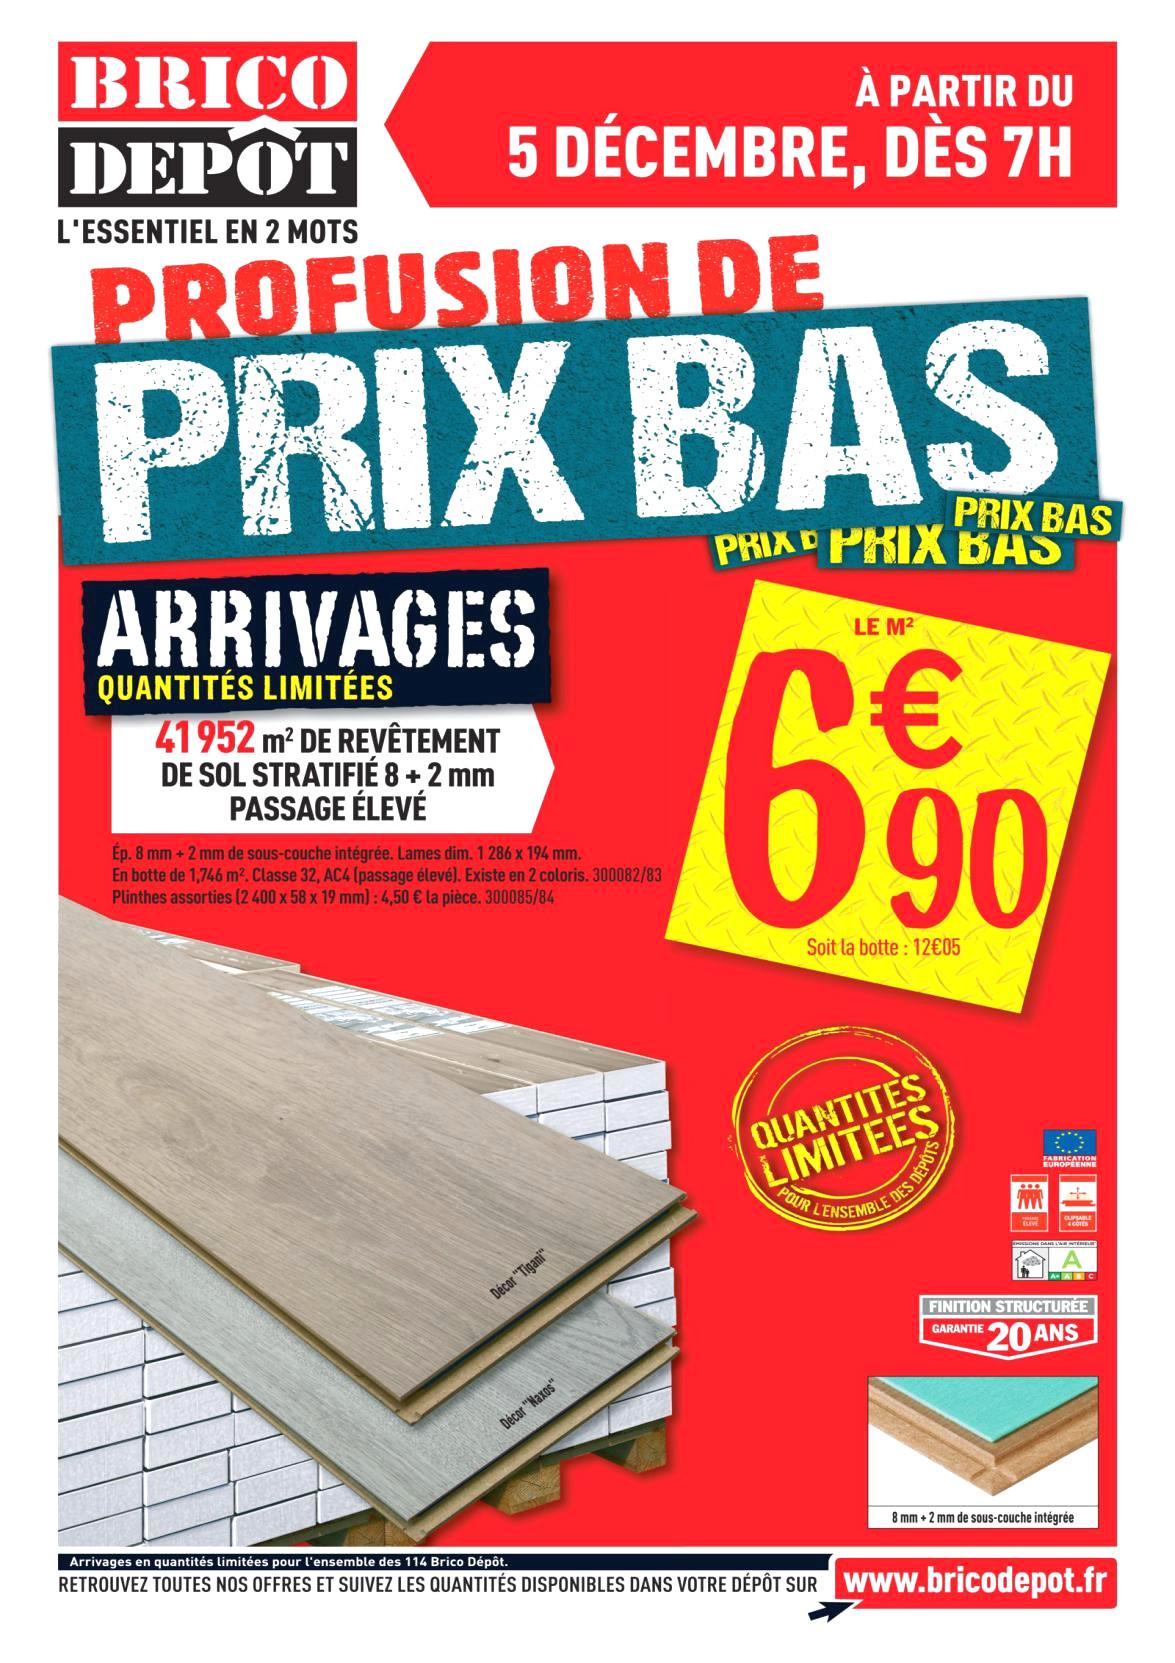 Meuble De Salle De Bain Bricomarché Frais Photos Panneau Liege Brico Depot Avec Catalogue Brico D P T Du 23 02 2018